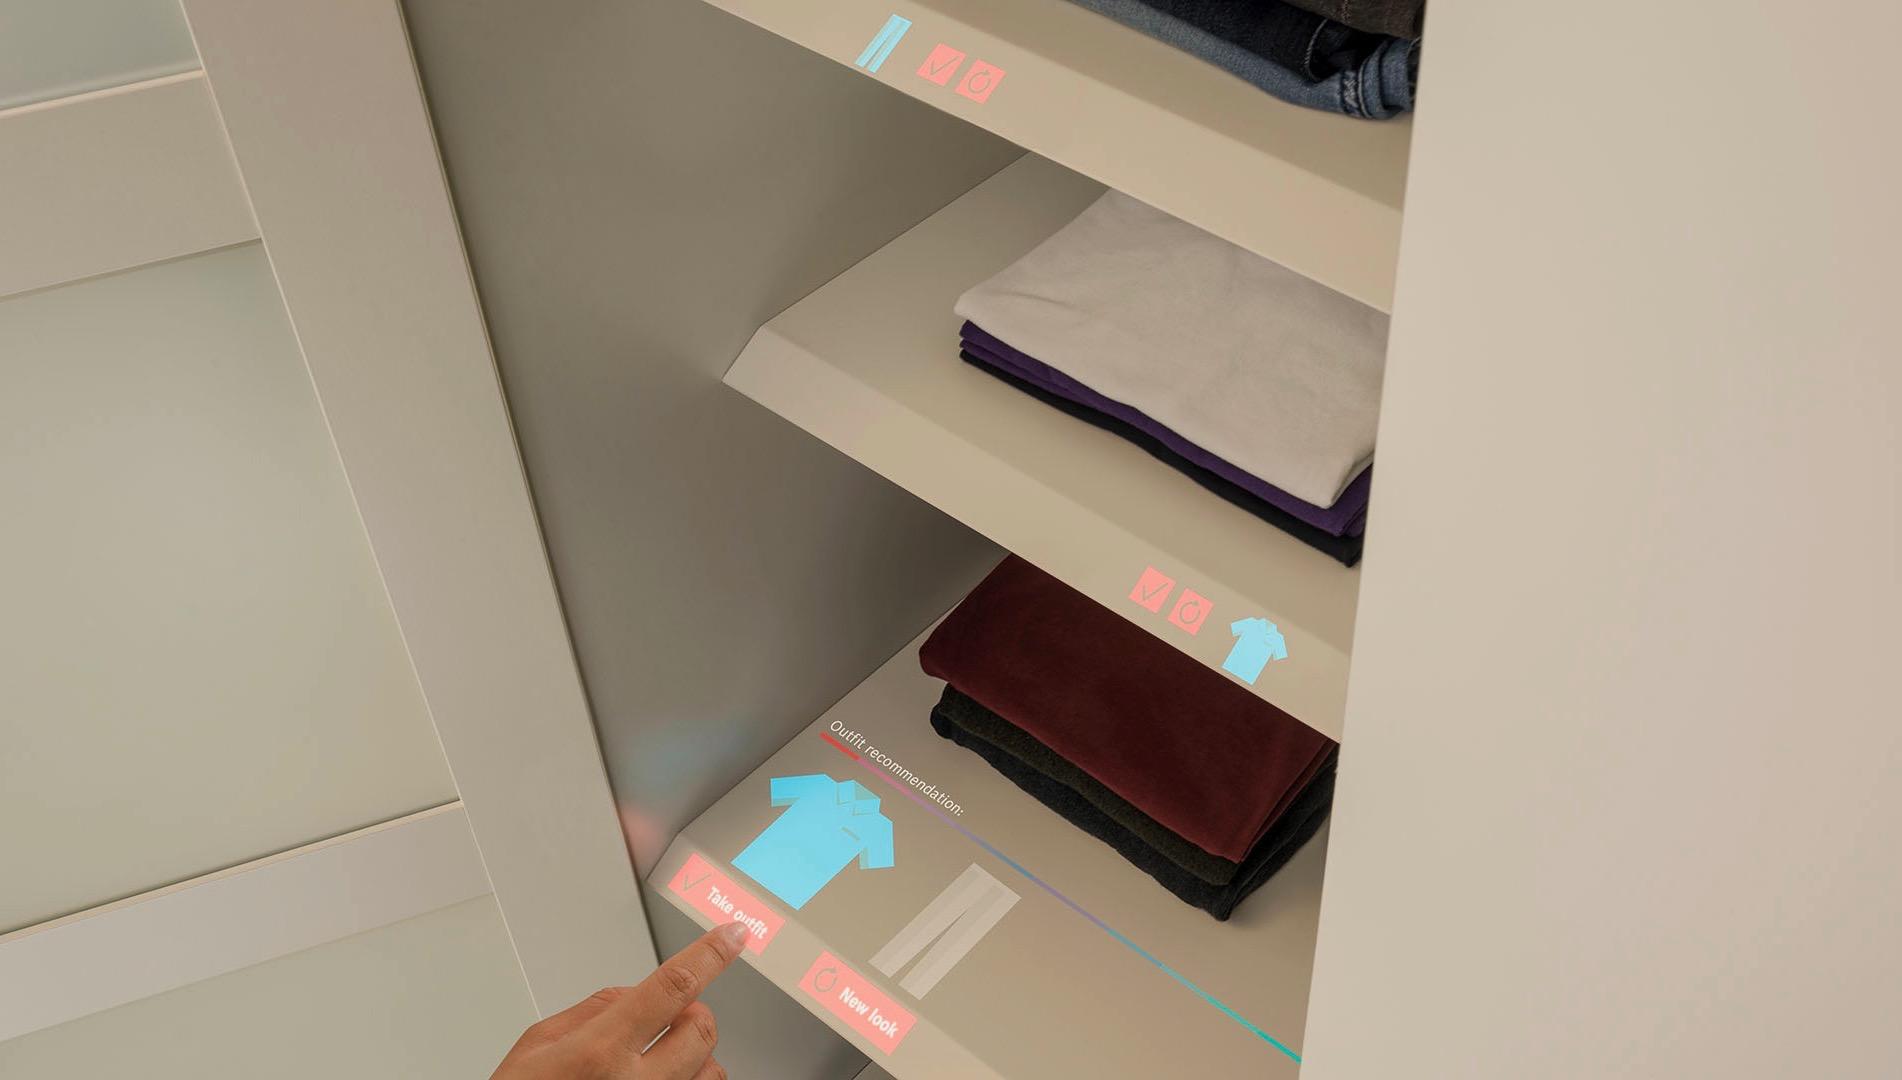 Bosch lancia il touchscreen virtuale su ogni superficie per la domotica e l'IoT